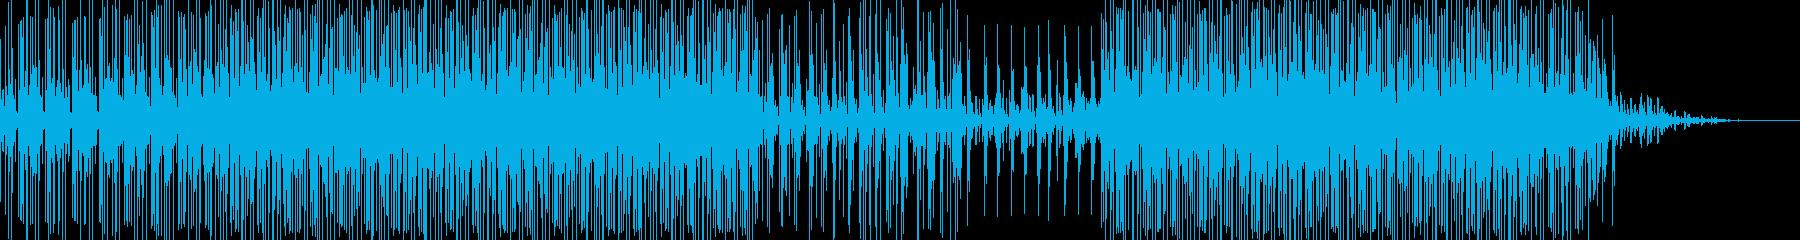 不安で切ない夢の中にいる様なループEDMの再生済みの波形